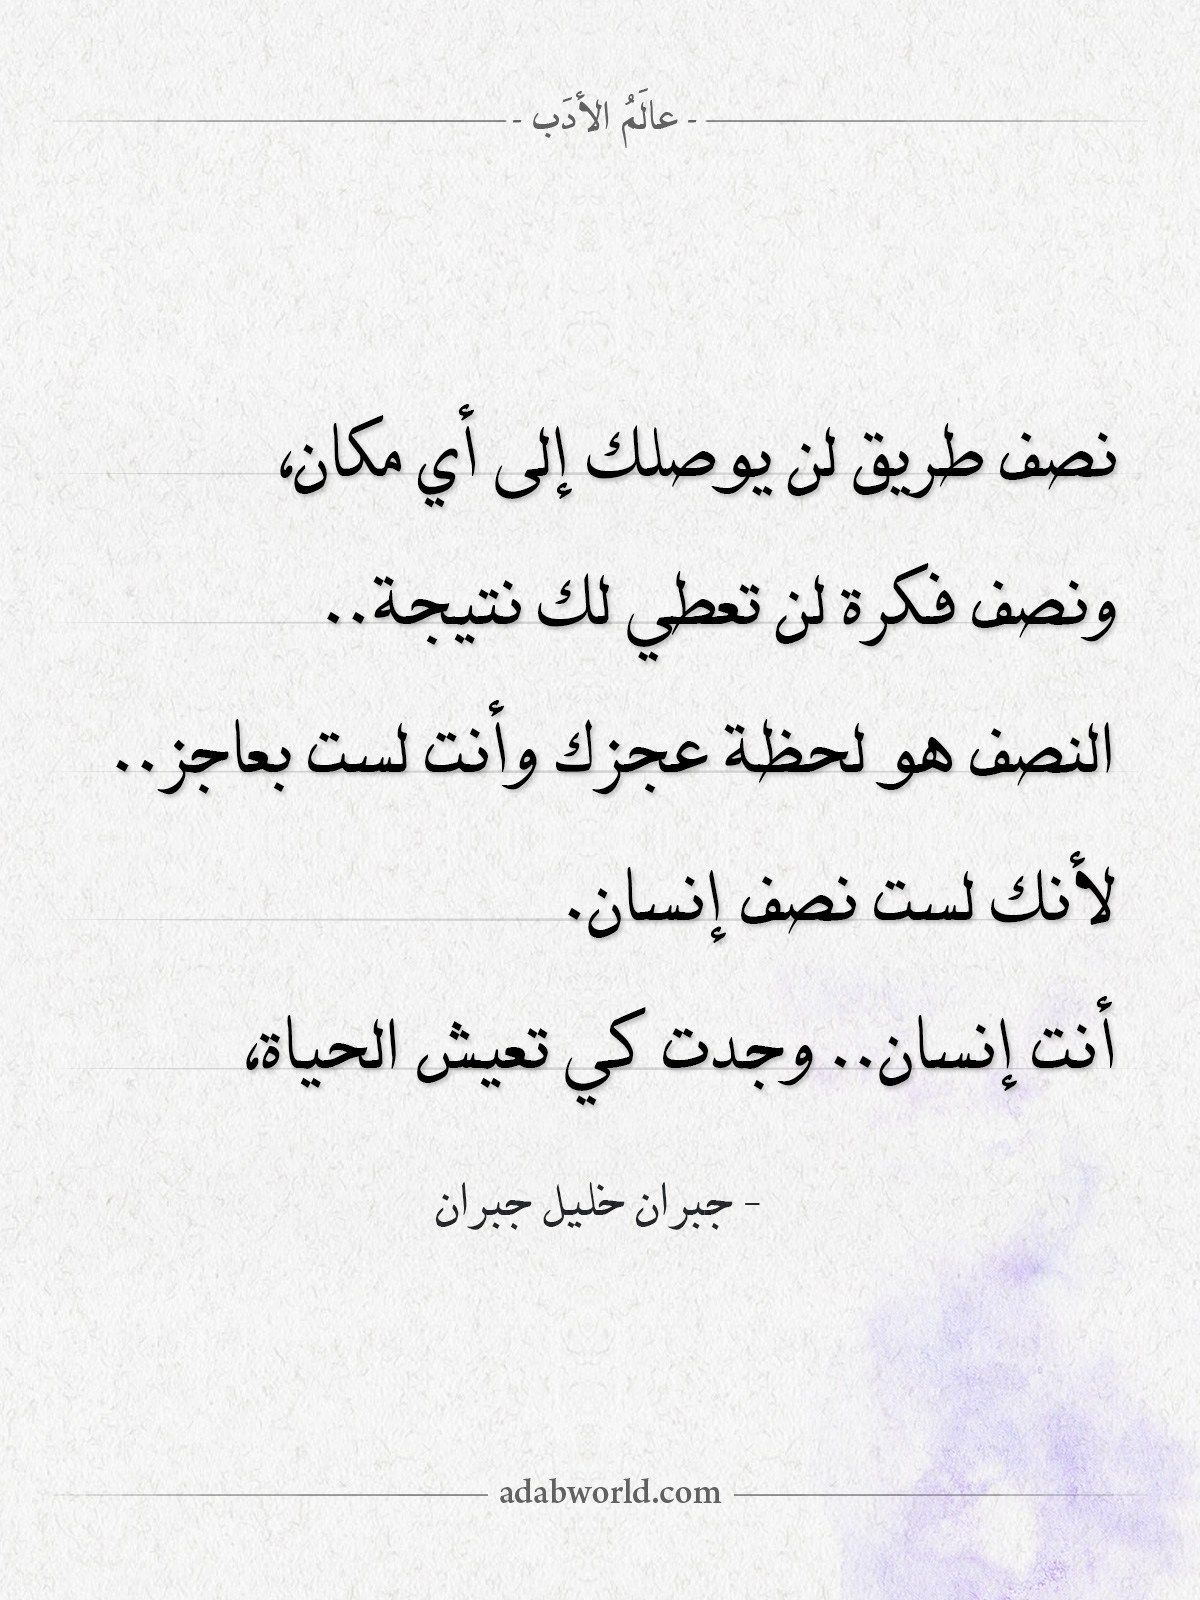 اقتباسات جبران خليل جبران النصف هو أنت عالم الأدب In 2021 Inspirational Quotes English Phrases Arabic Words